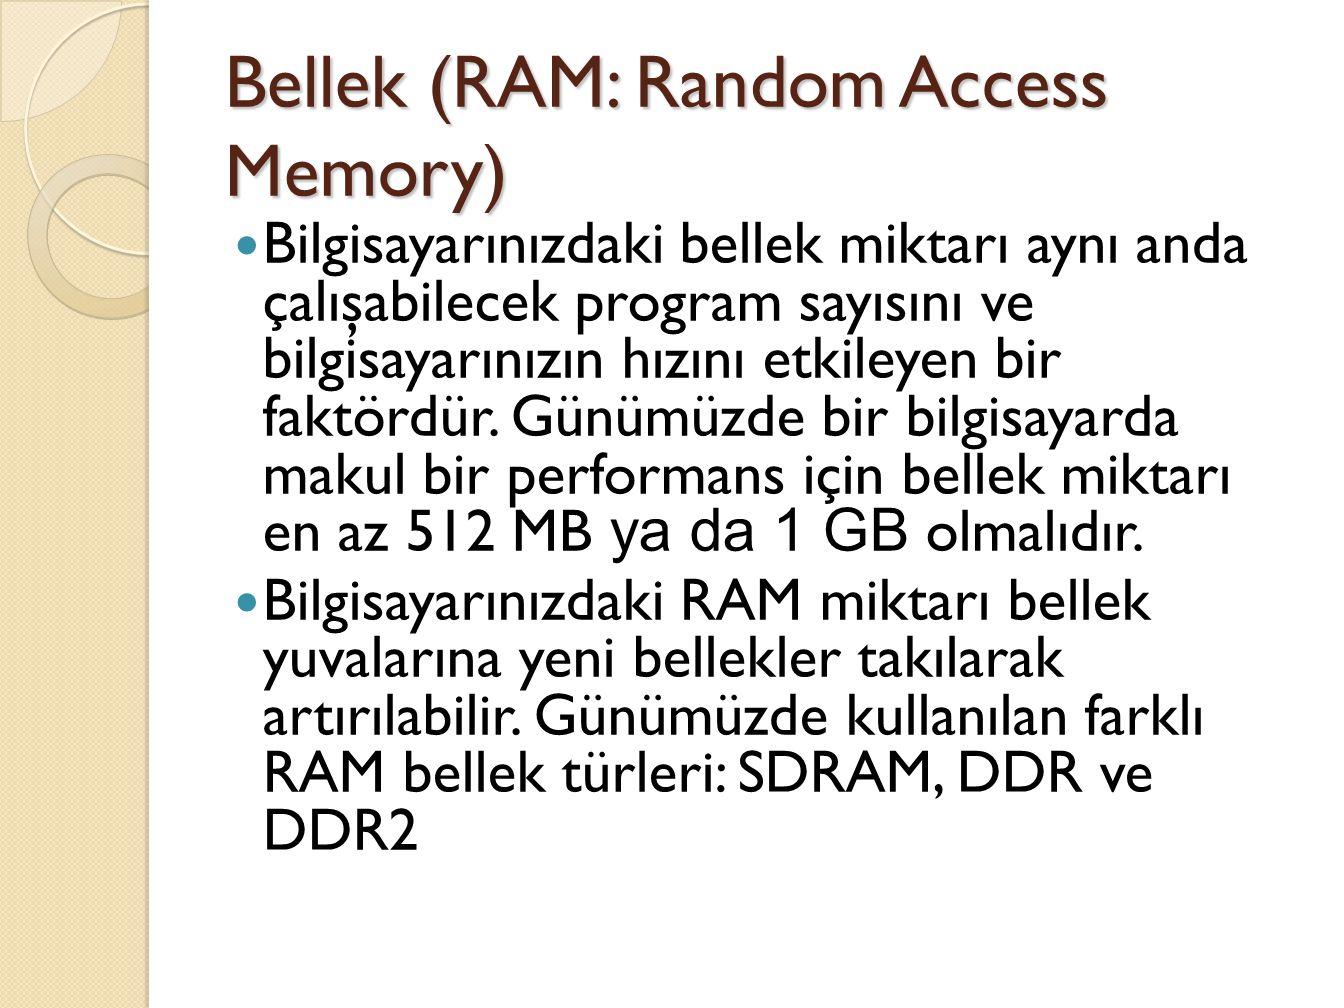 Bellek (RAM: Random Access Memory) Bilgisayarınızdaki bellek miktarı aynı anda çalışabilecek program sayısını ve bilgisayarınızın hızını etkileyen bir faktördür.